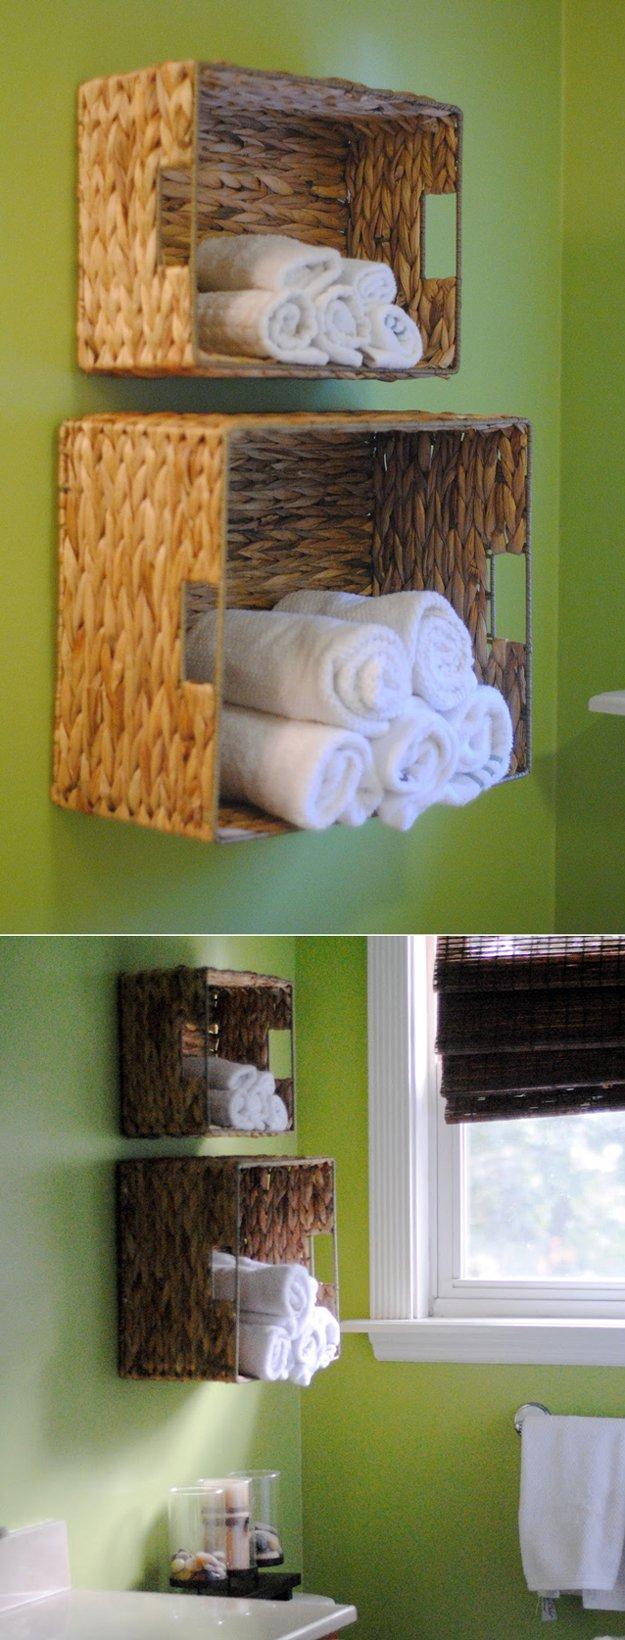 15 Minute DIY Bathroom Organization Ideas DIY Ready